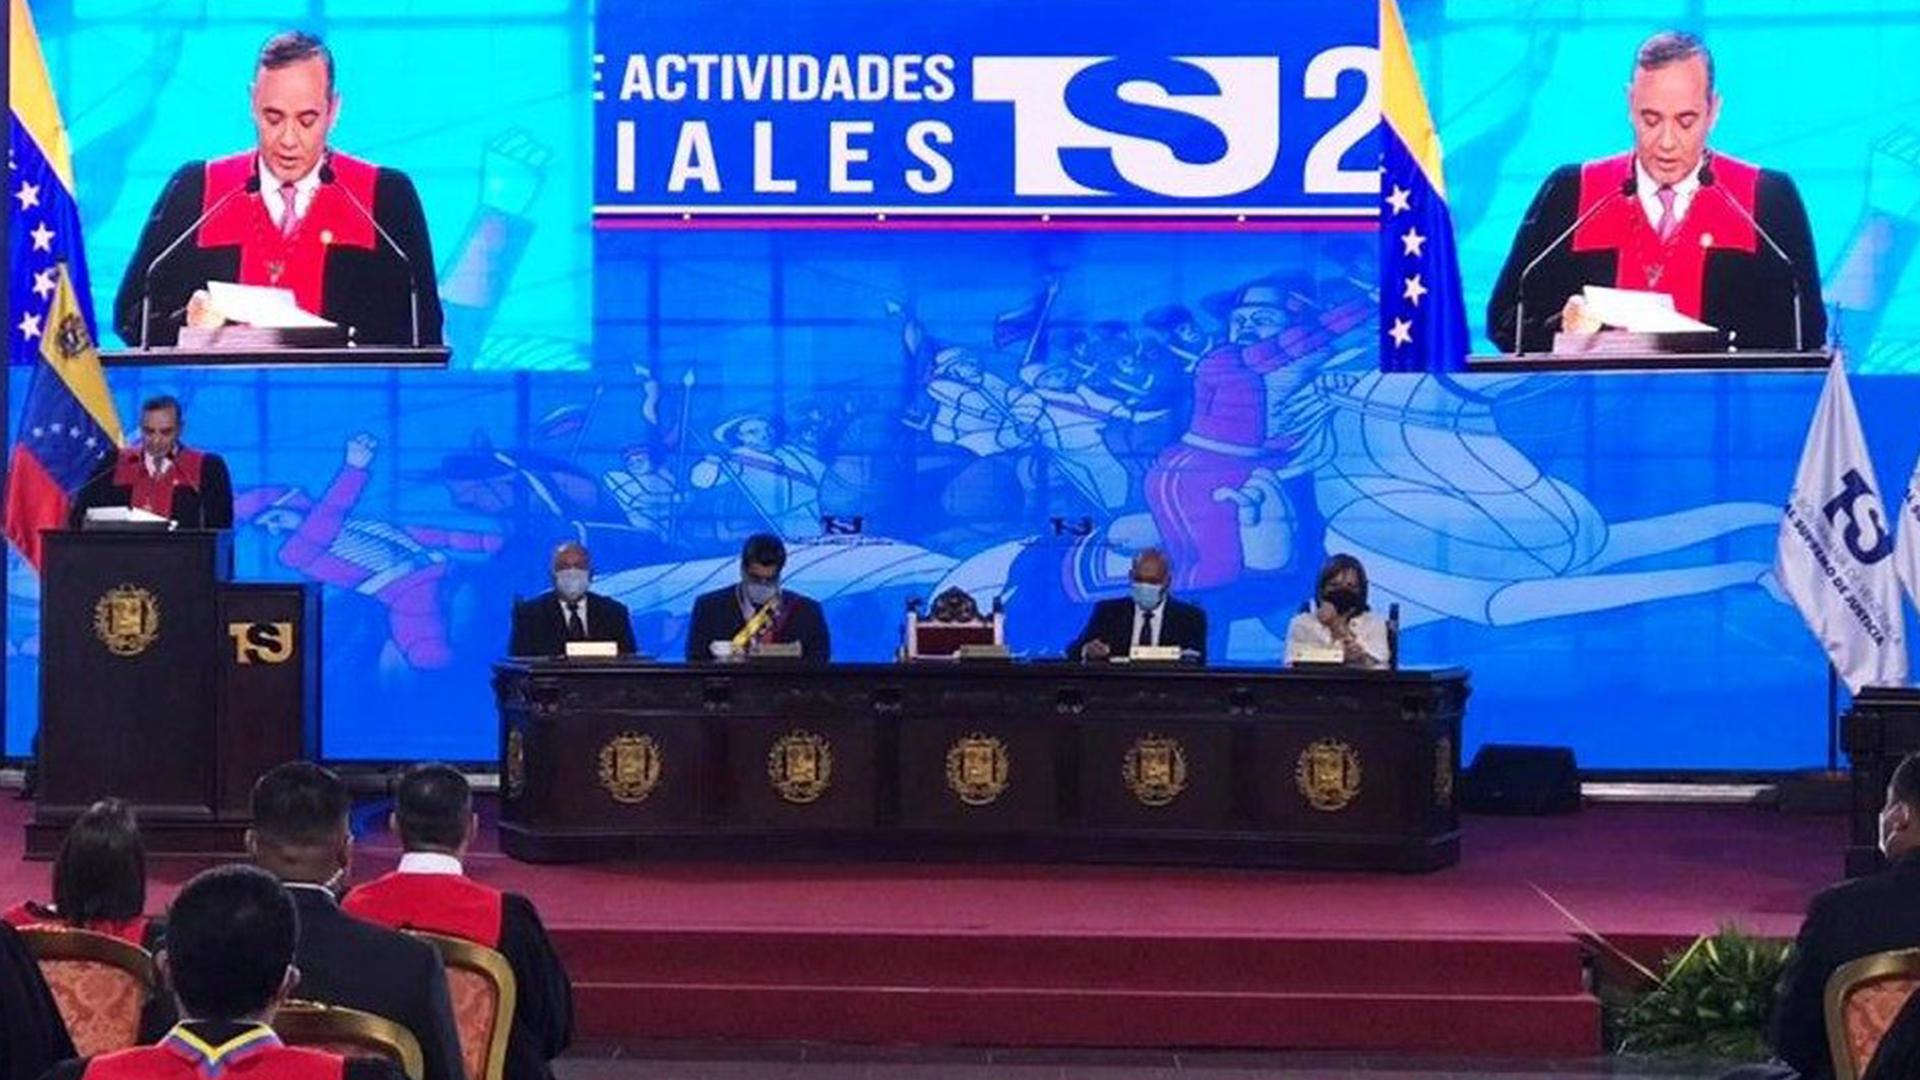 Maikel Moreno amenaza a diputados por promoversanciones y bloqueoscontra Maduro